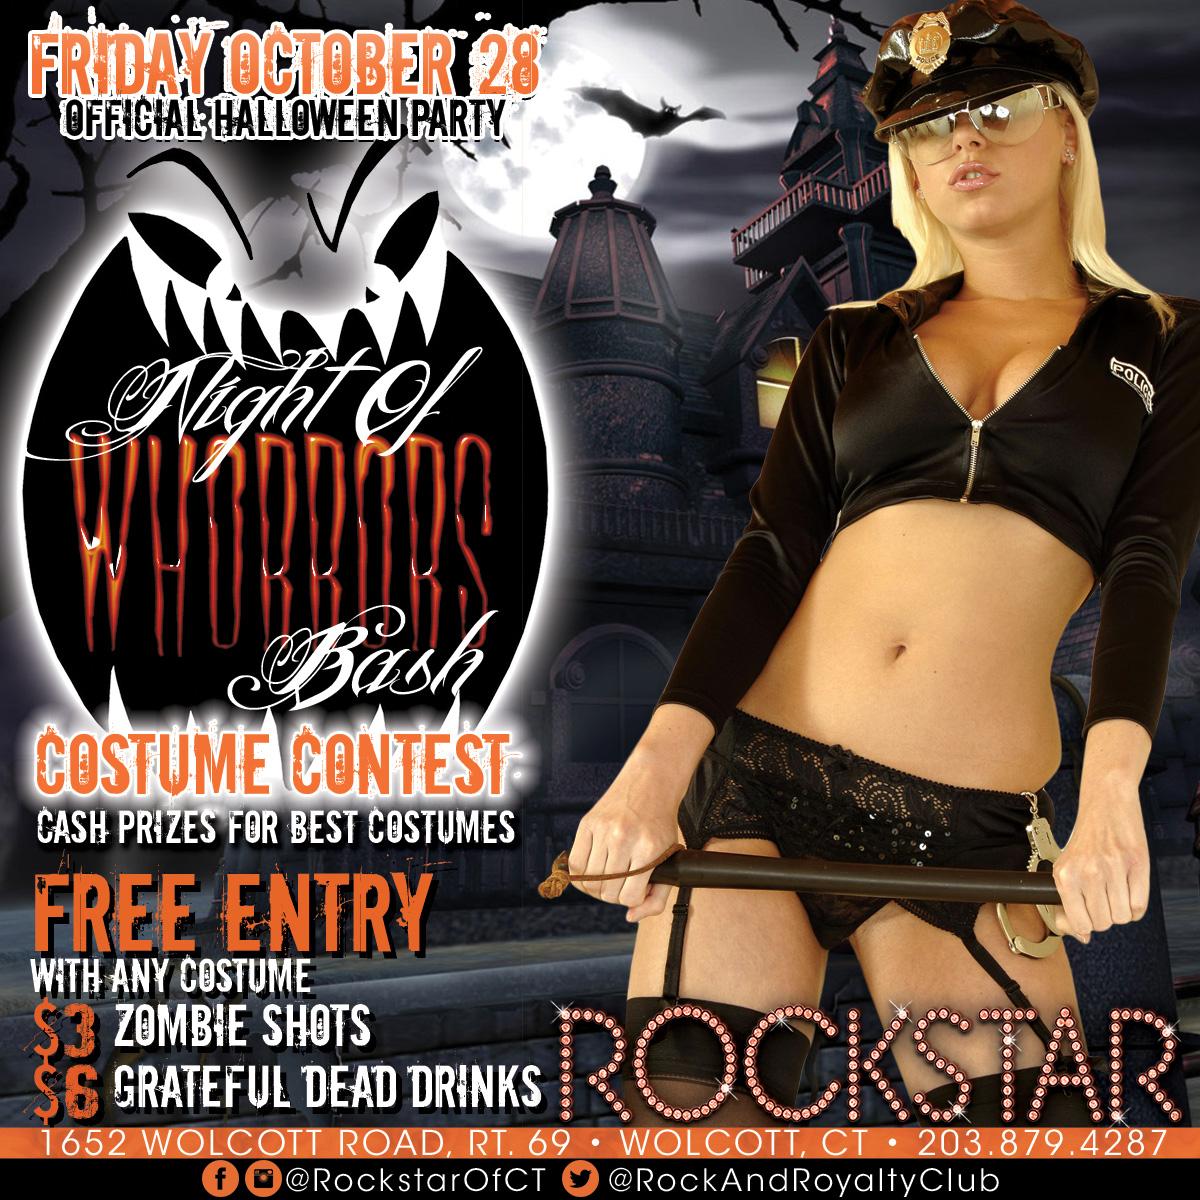 Night Of Whorrors Bash | Rockstar Strip Club Connecticut